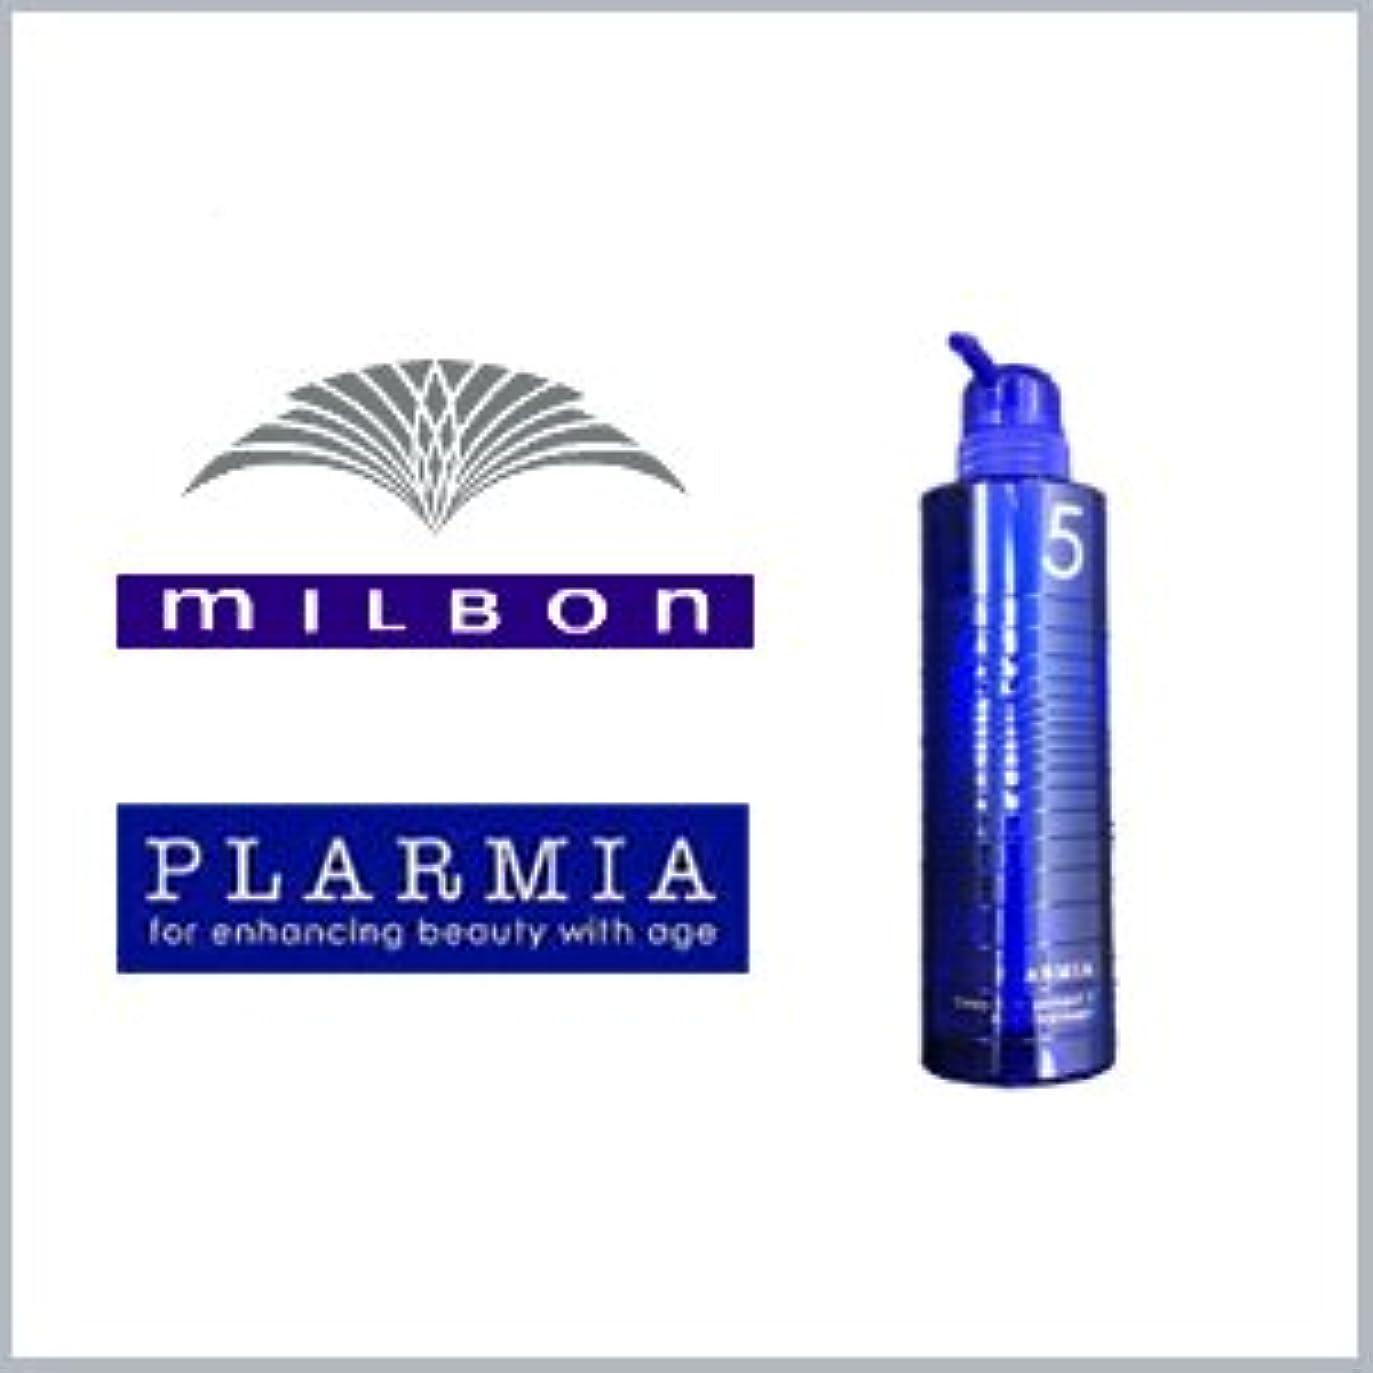 カウントアップ定常【X4個セット】 ミルボン プラーミア ディープエナジメント5 空容器 200g